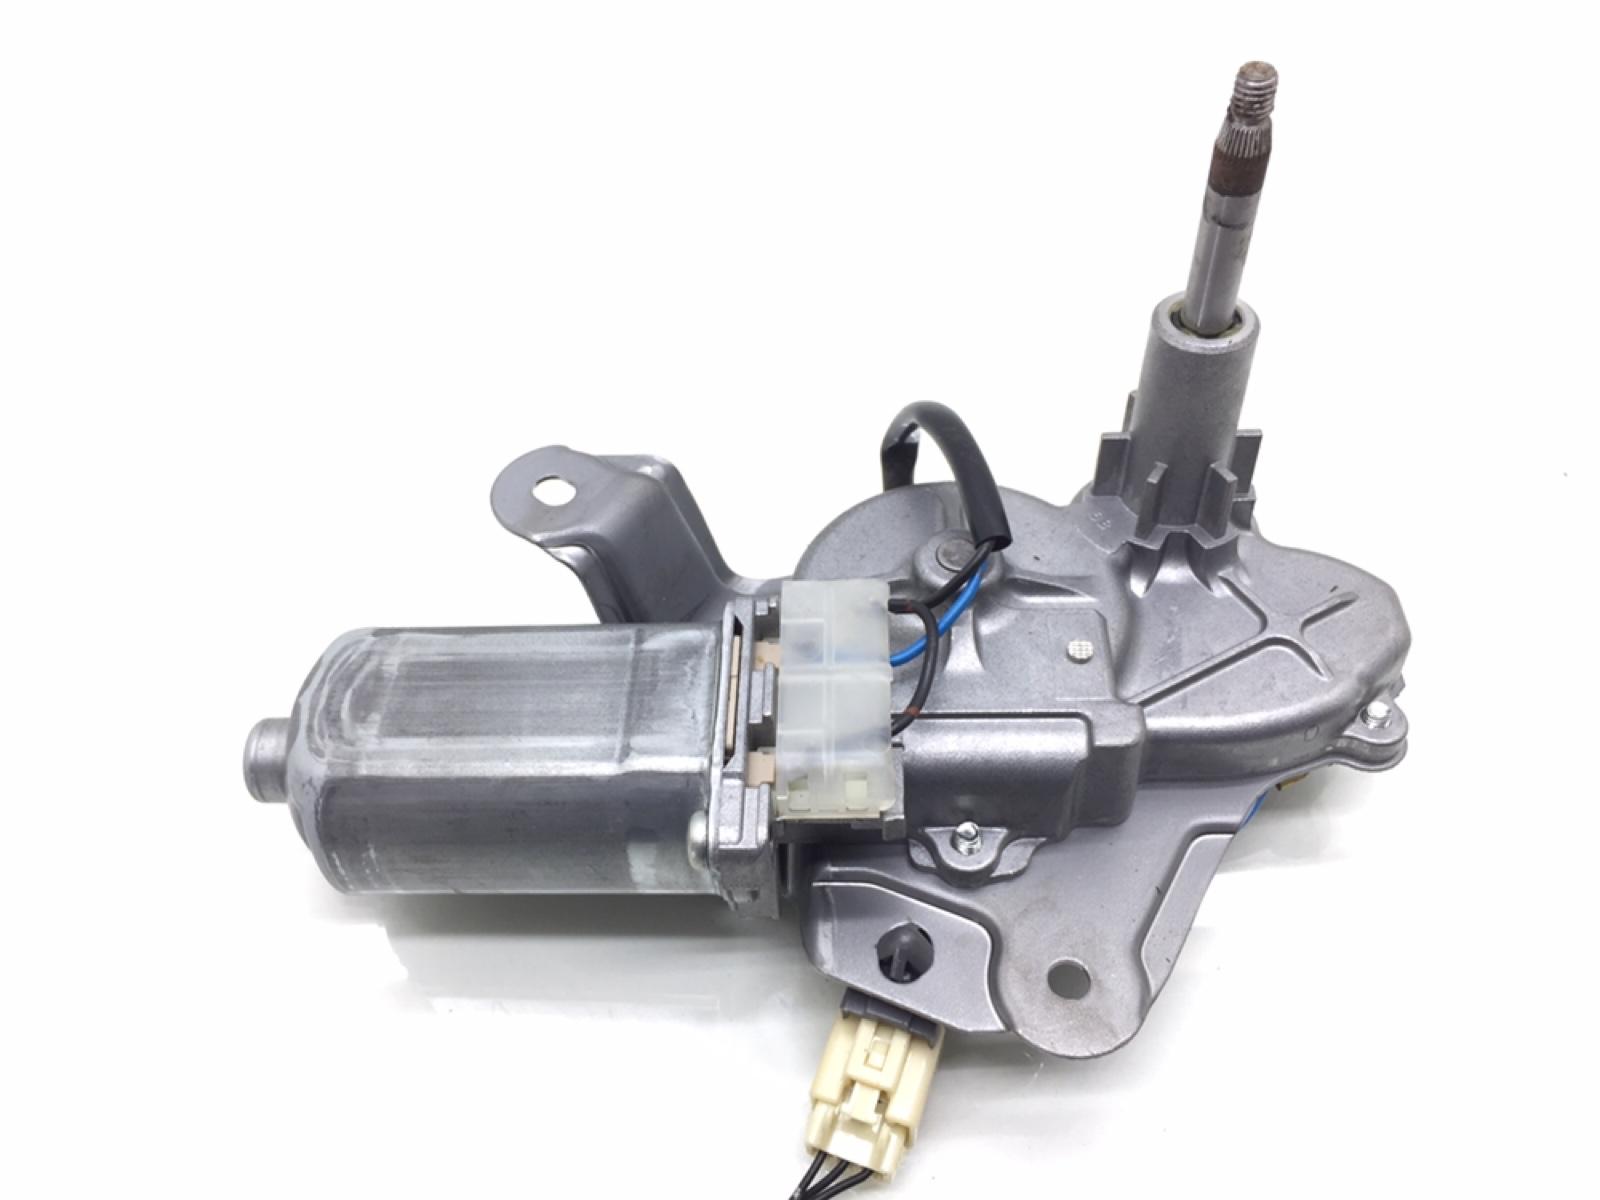 Моторчик заднего стеклоочистителя (дворника) Mazda 5 2.0 I 2008 (б/у)